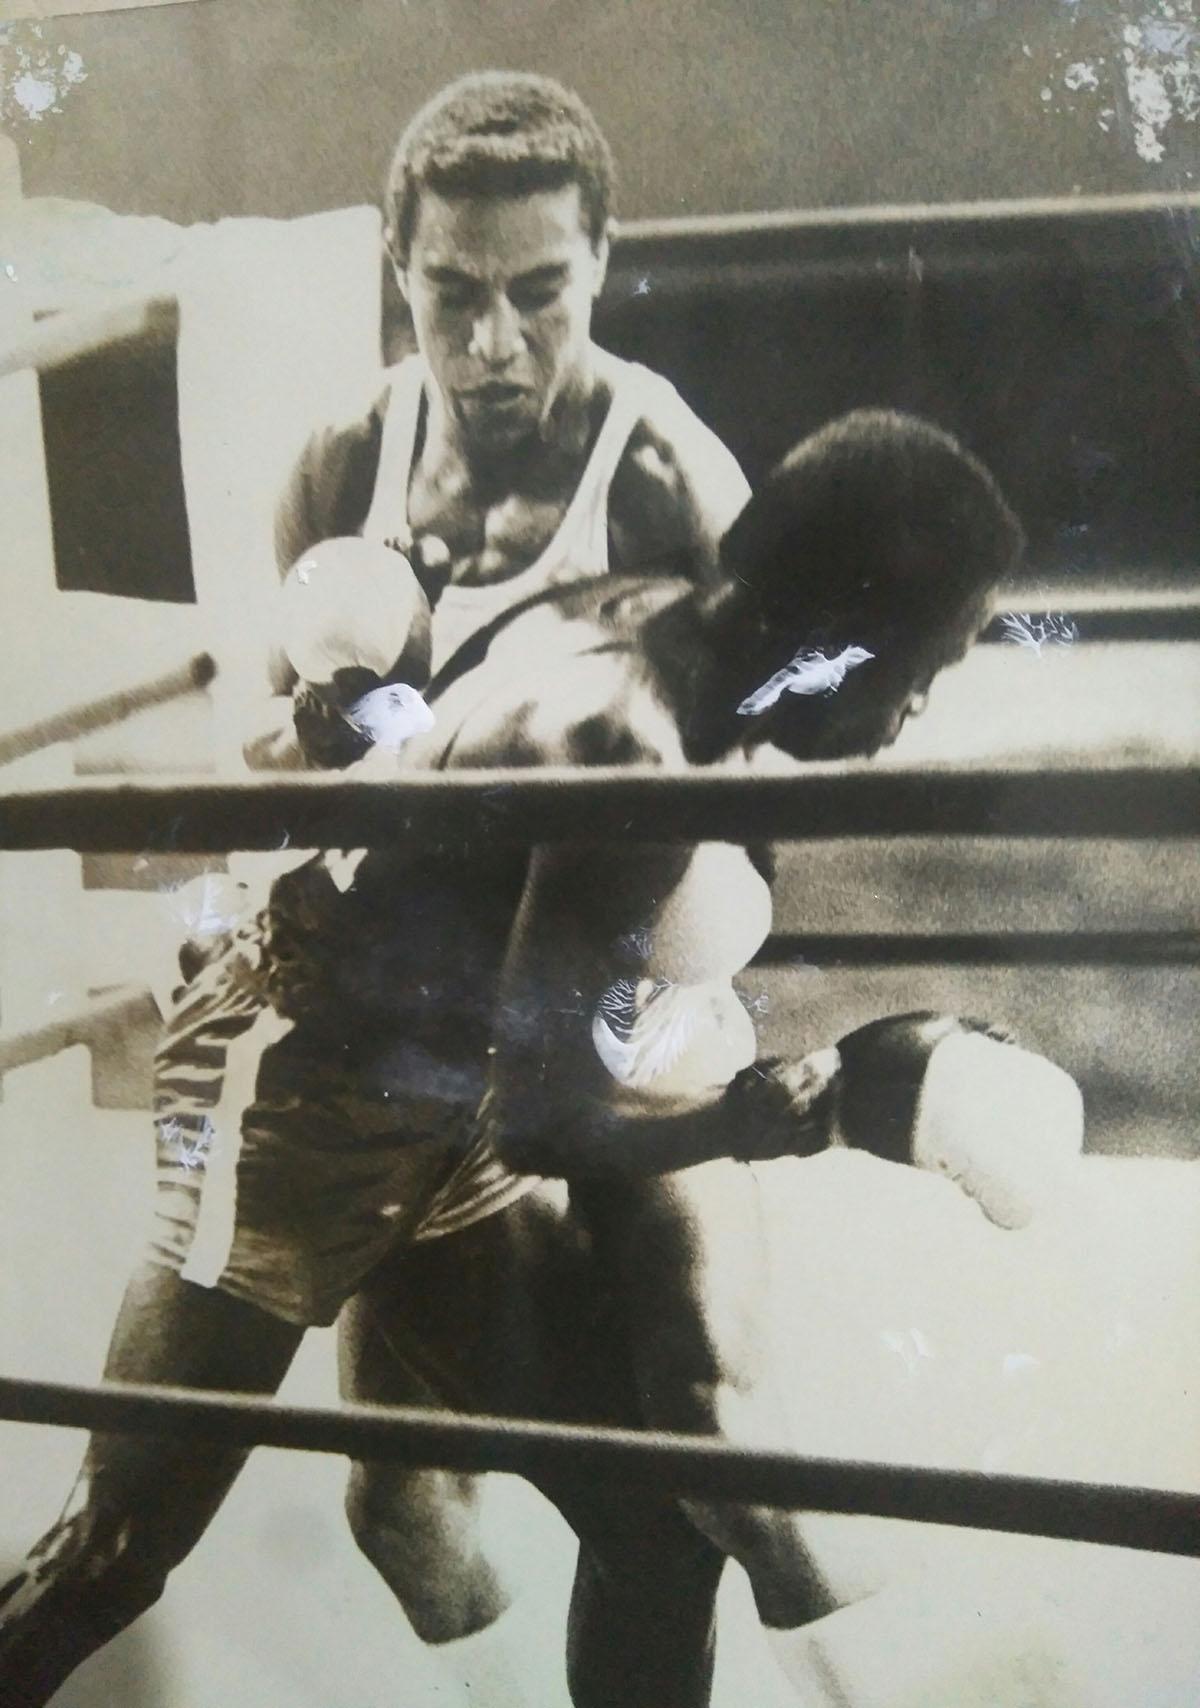 Secundino Ferrer (de frente) en pleno combate. Foto: Cortesía del entrevistado.